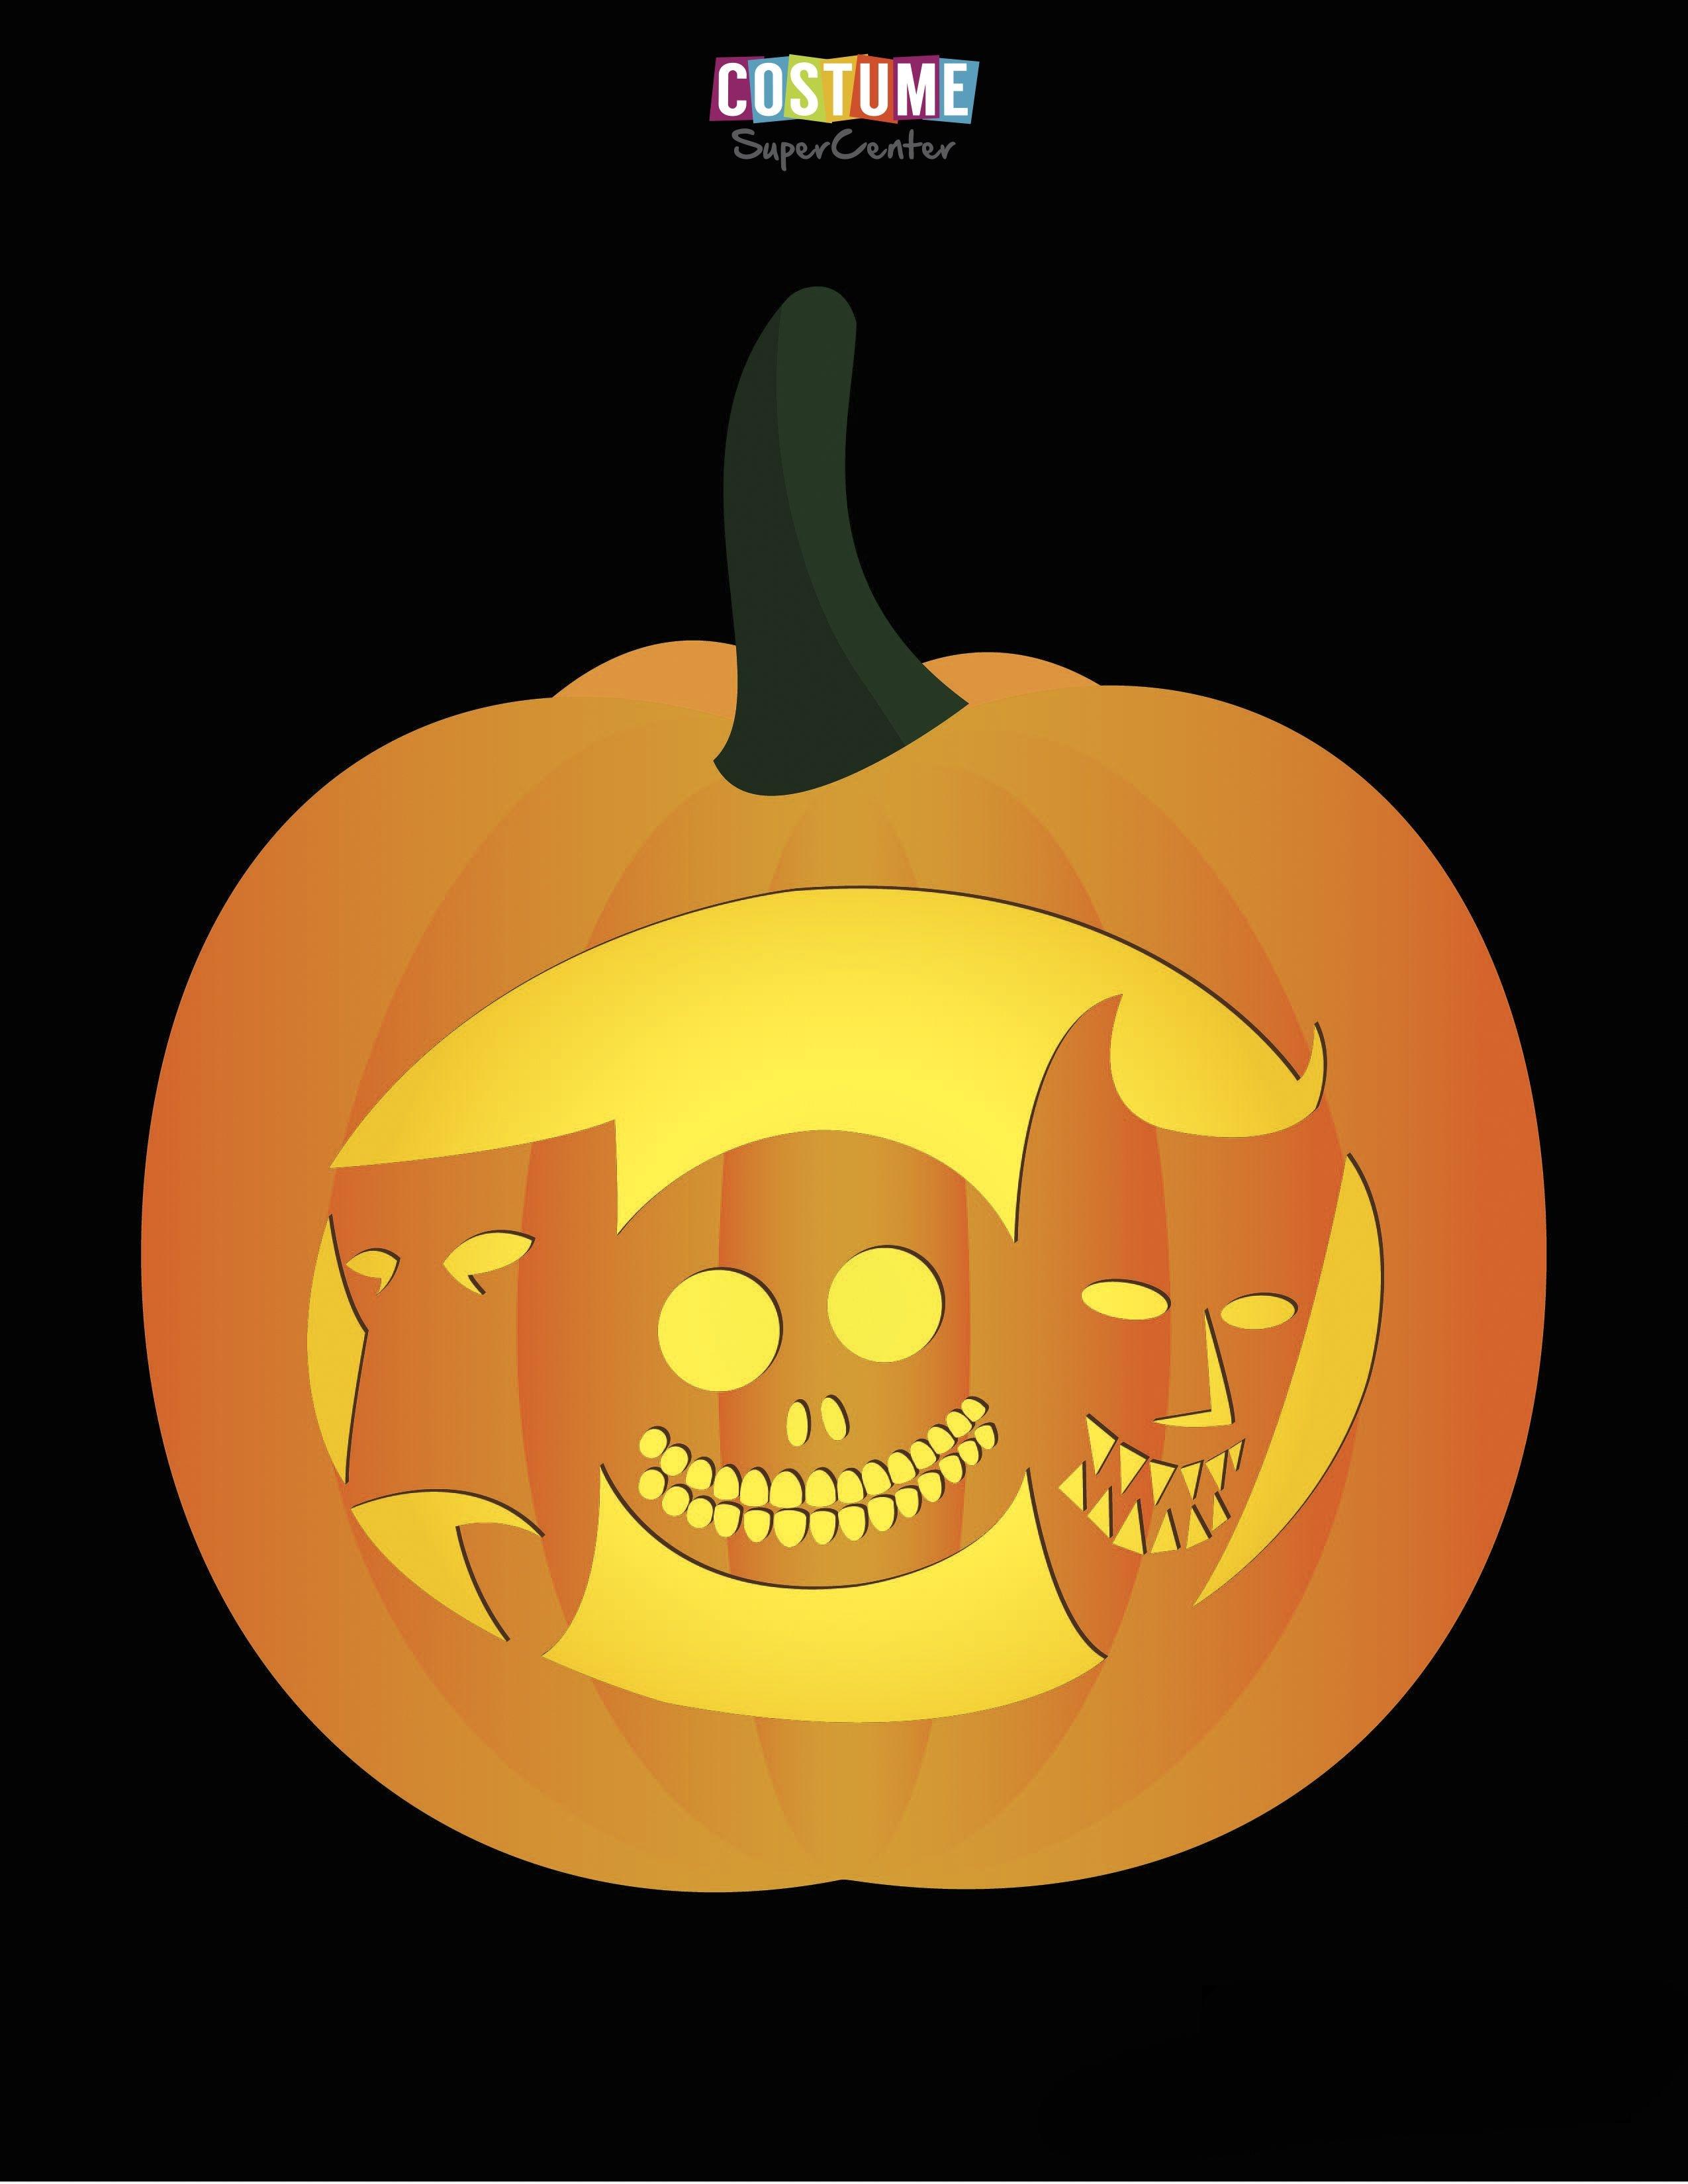 Nightmare Before Christmas Pumpkin Carving Stencils | Jack - Free Printable Nightmare Before Christmas Pumpkin Stencils